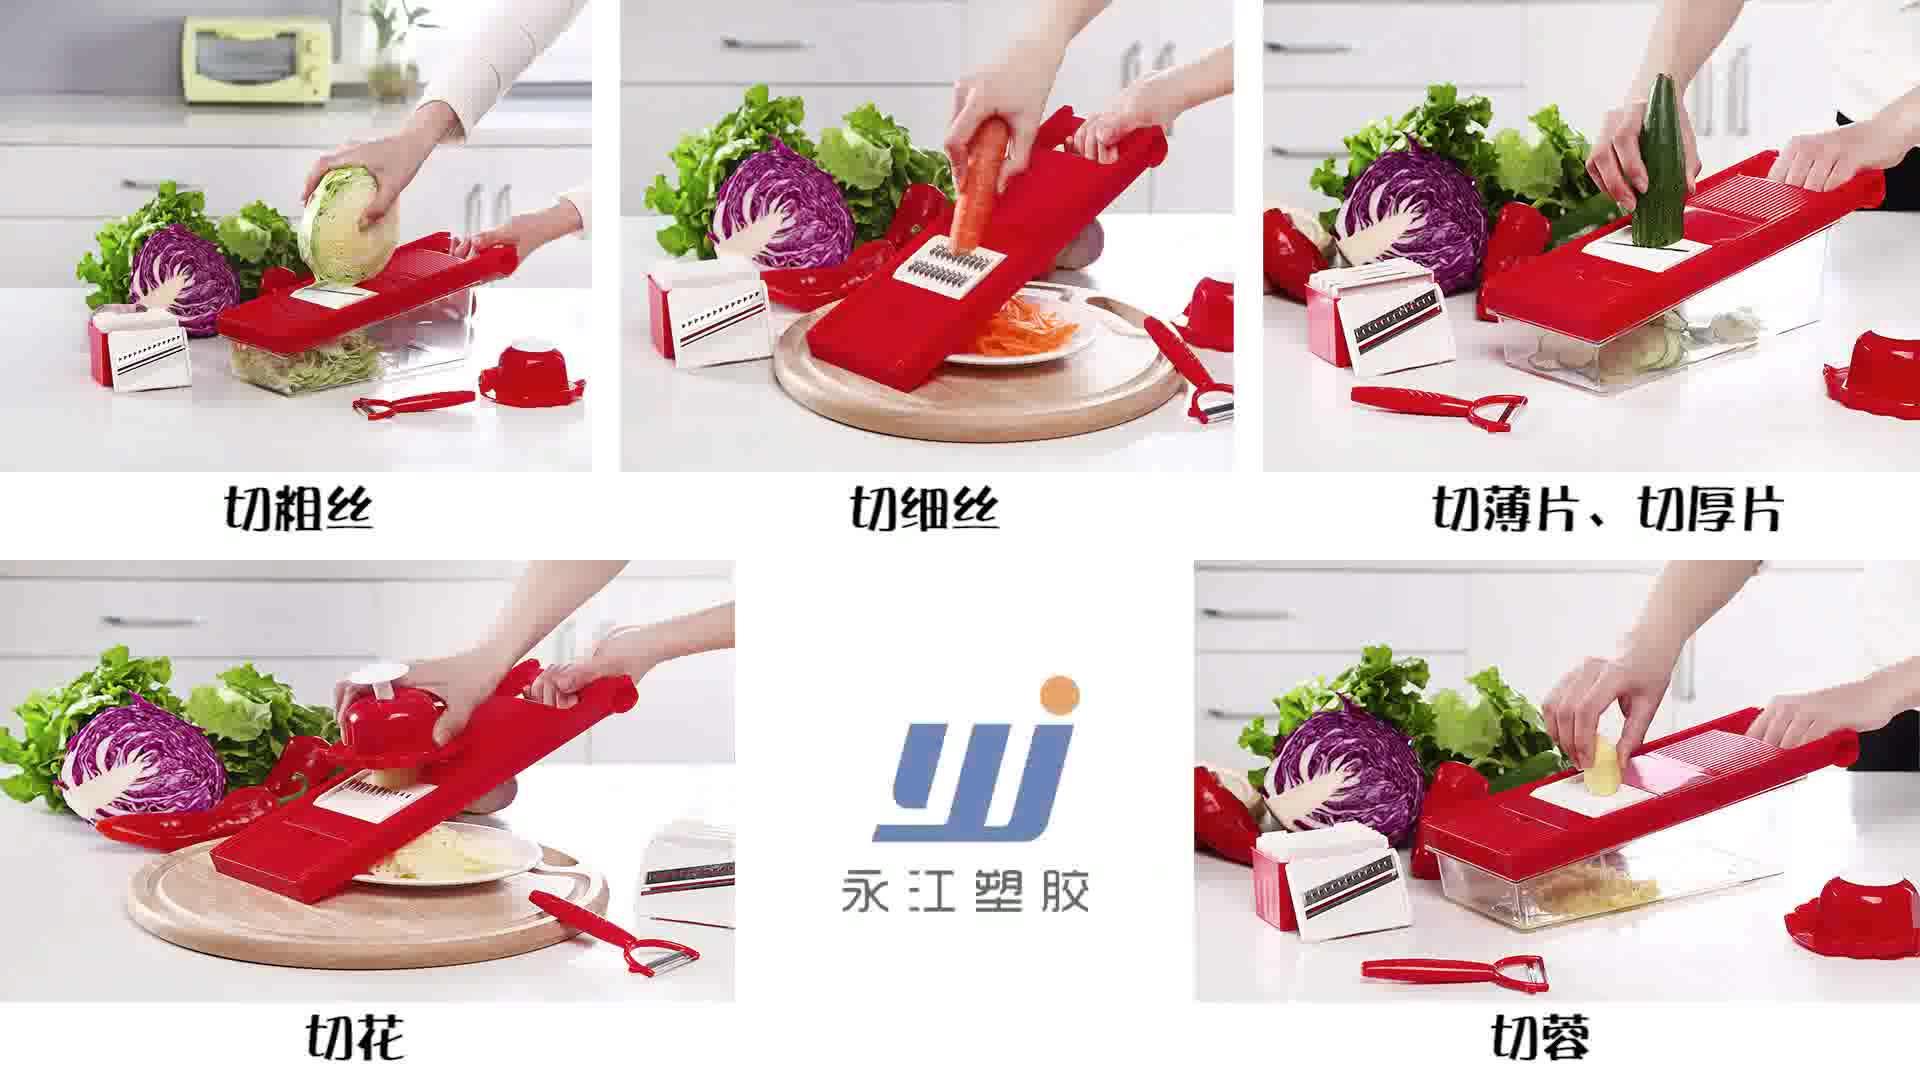 キッチンアクセサリー 7 1 キッチンおろし金ボックスおろし金野菜おろし金でテレビで見られるように